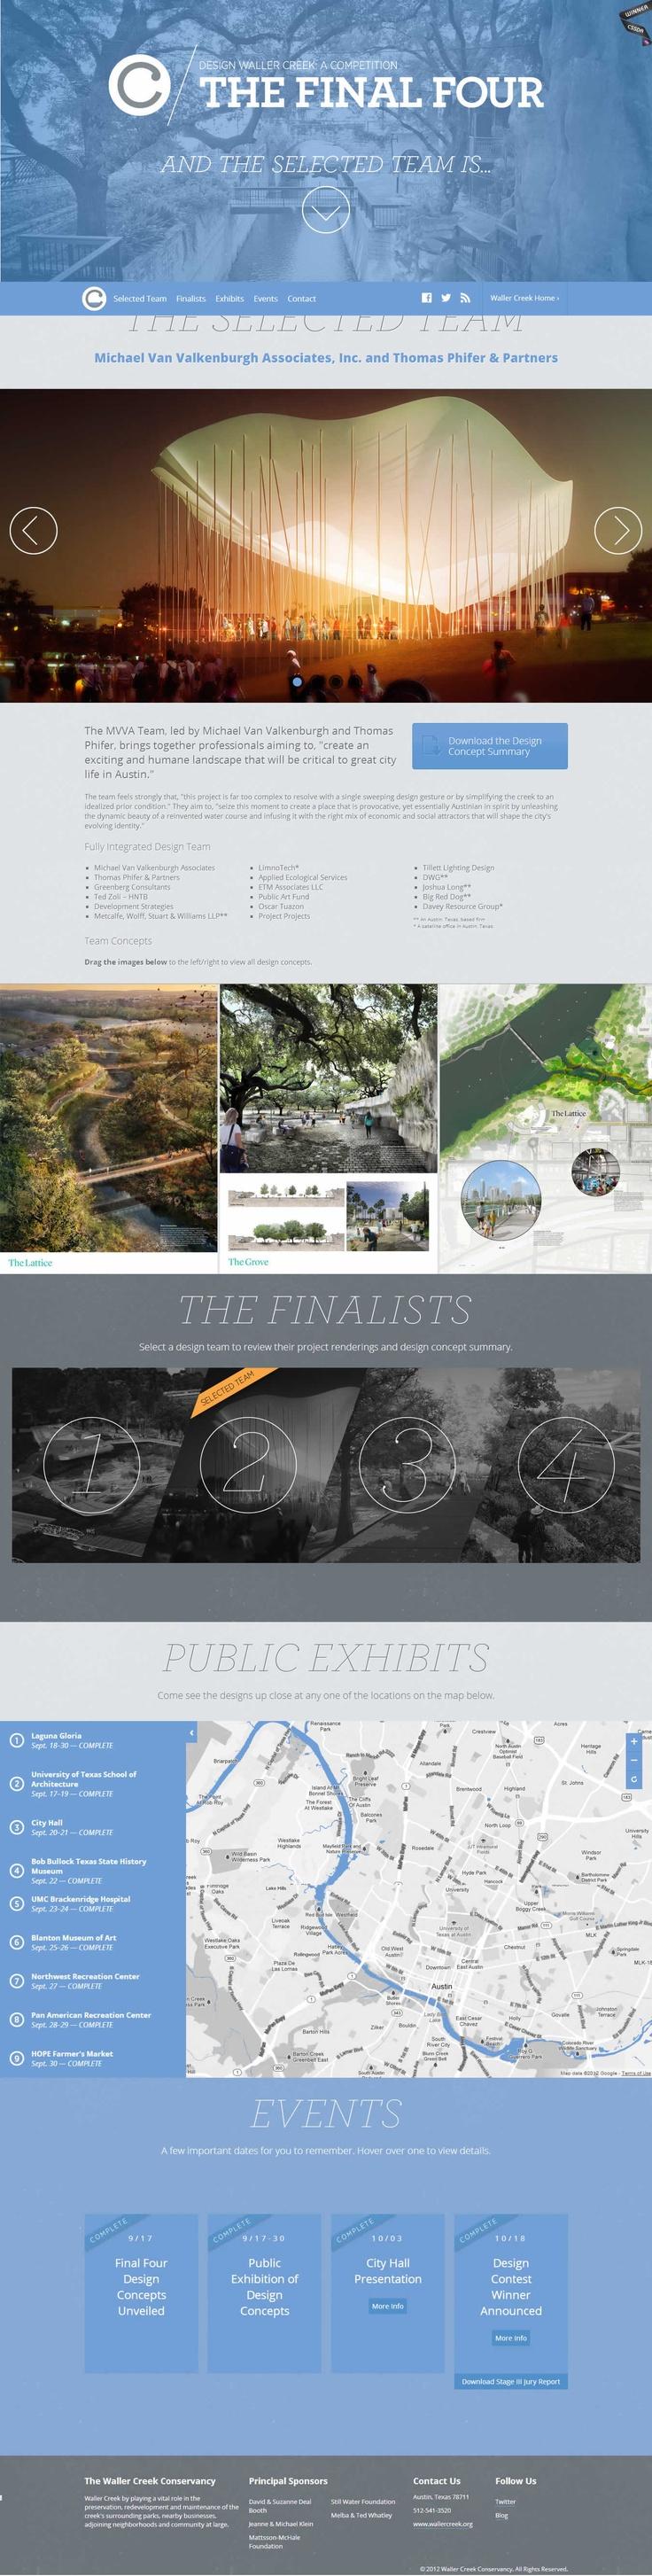 web design http://wallercreek.org/finalfour/